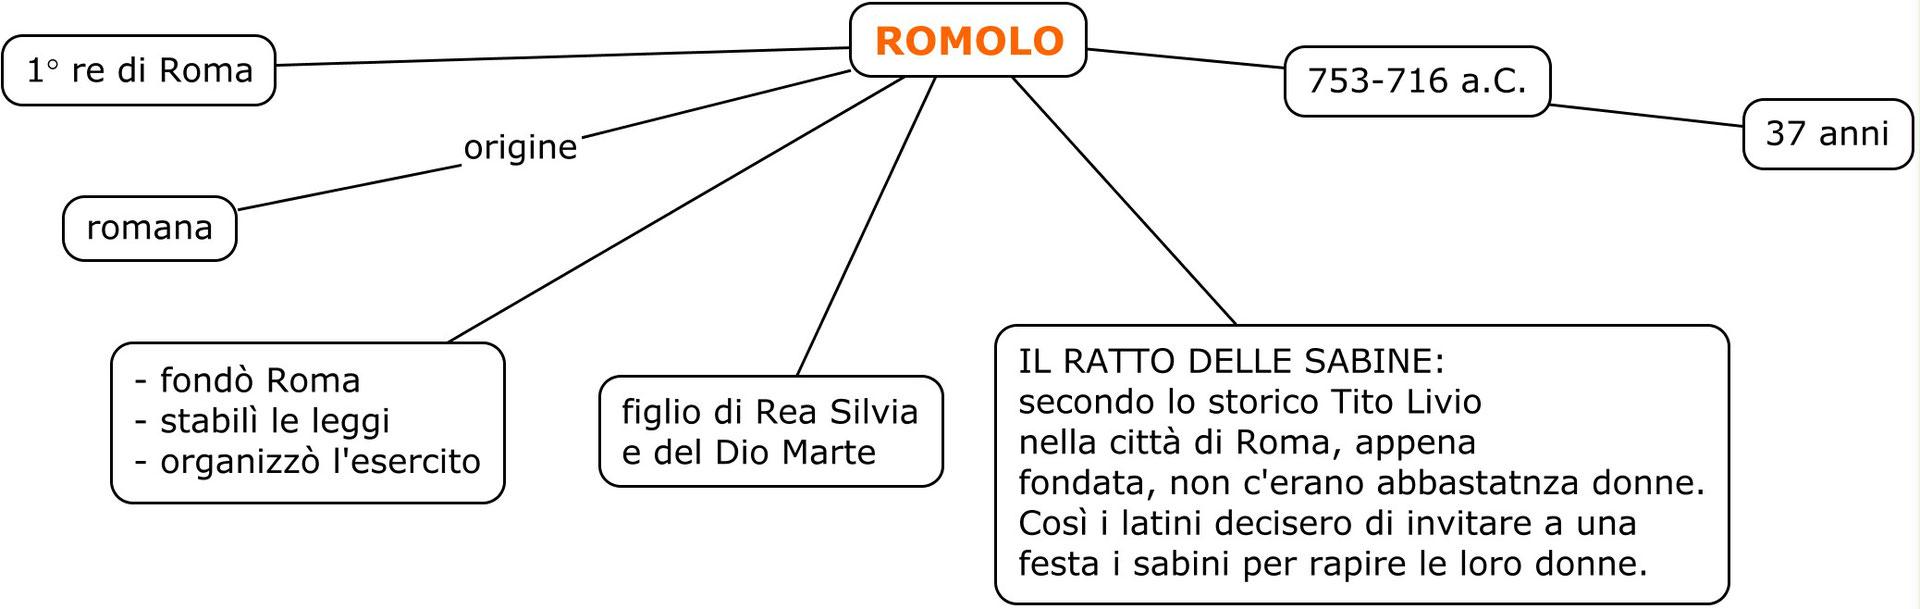 Powtoon Del Veneto Di Matilde Benvenuti Su Classemeraviglie